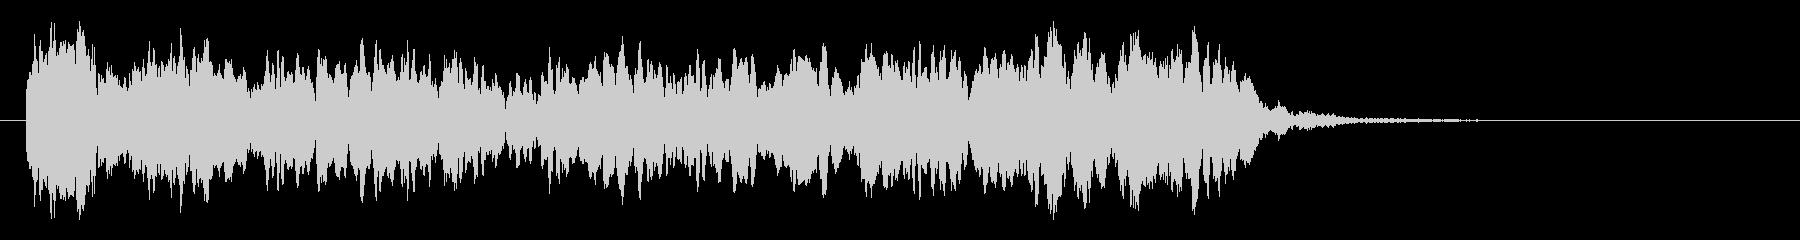 上昇効果音(ヒューン↑ヒラヒラ)の未再生の波形